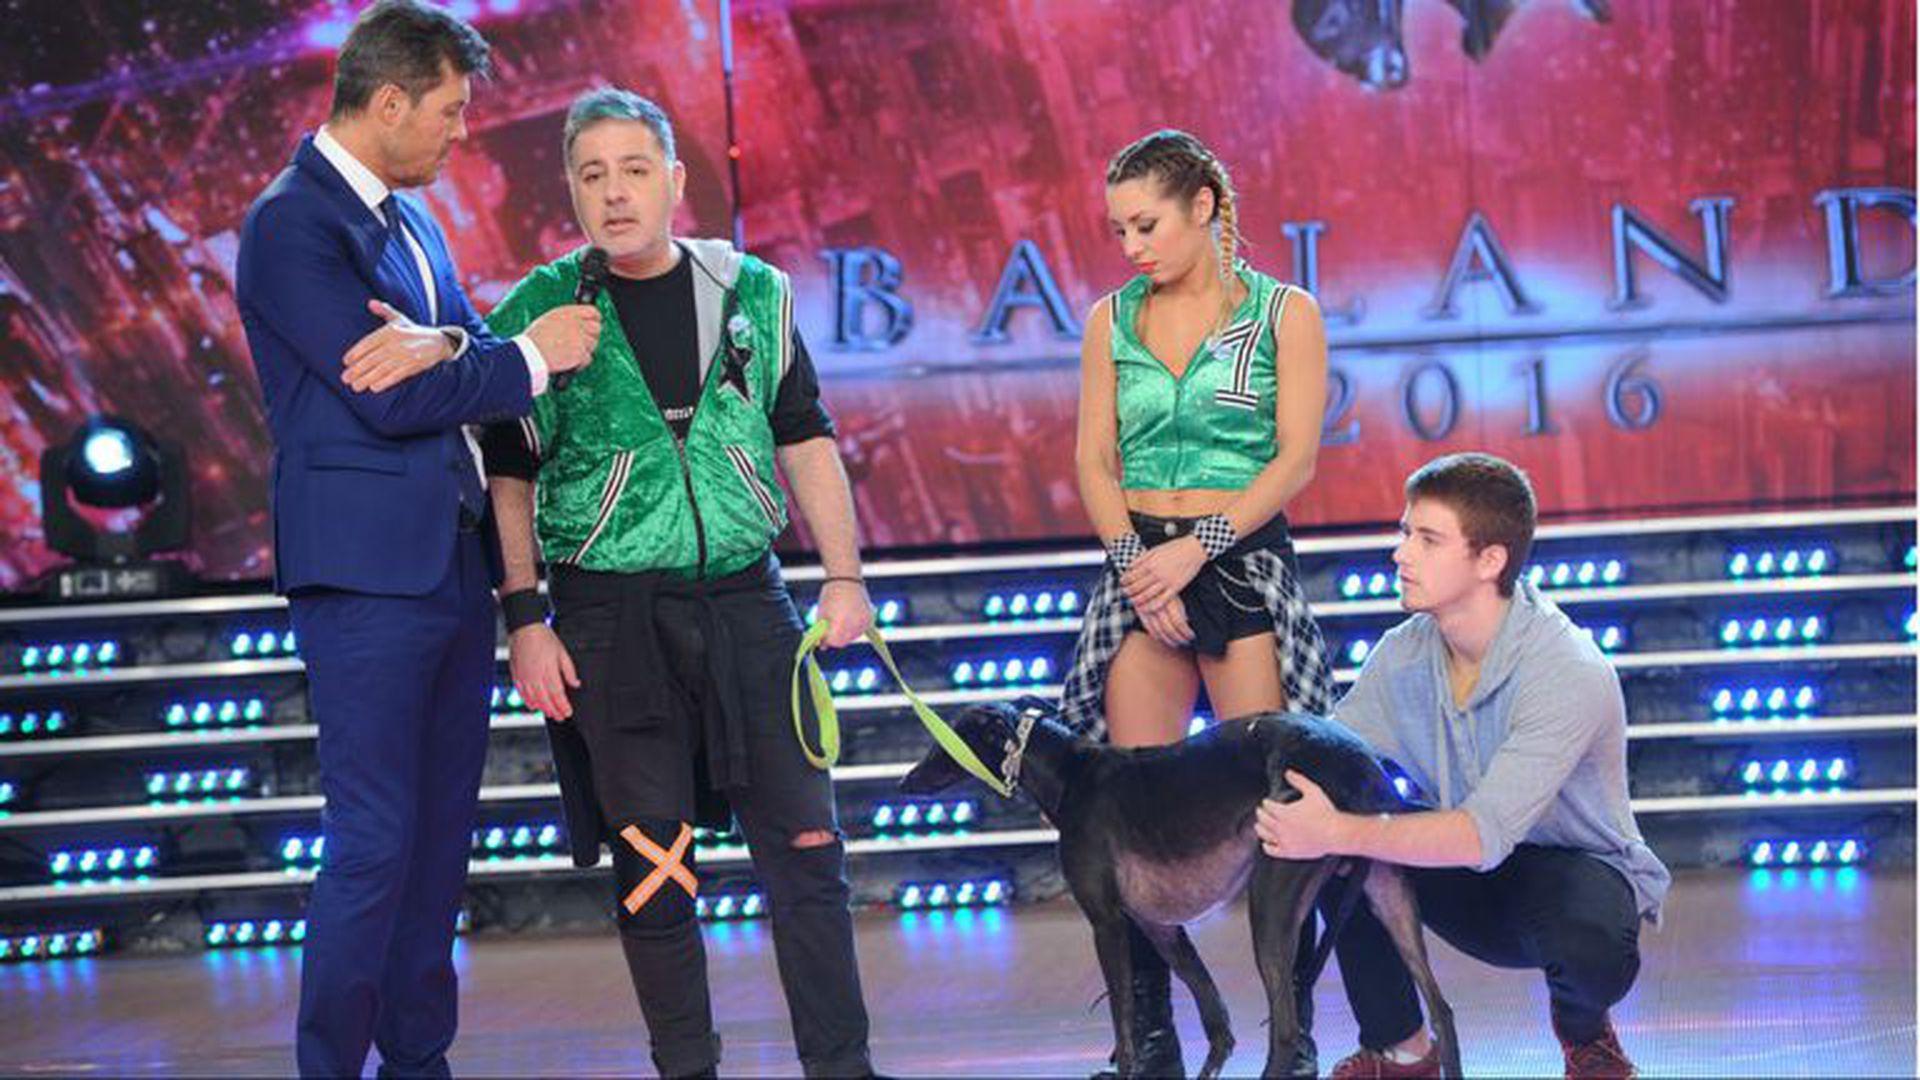 Durante su breve paso por el Bailando, Doman comenzó una cruzada en favor de los galgos reclamando la prohibición de las carreras de perros en el país.